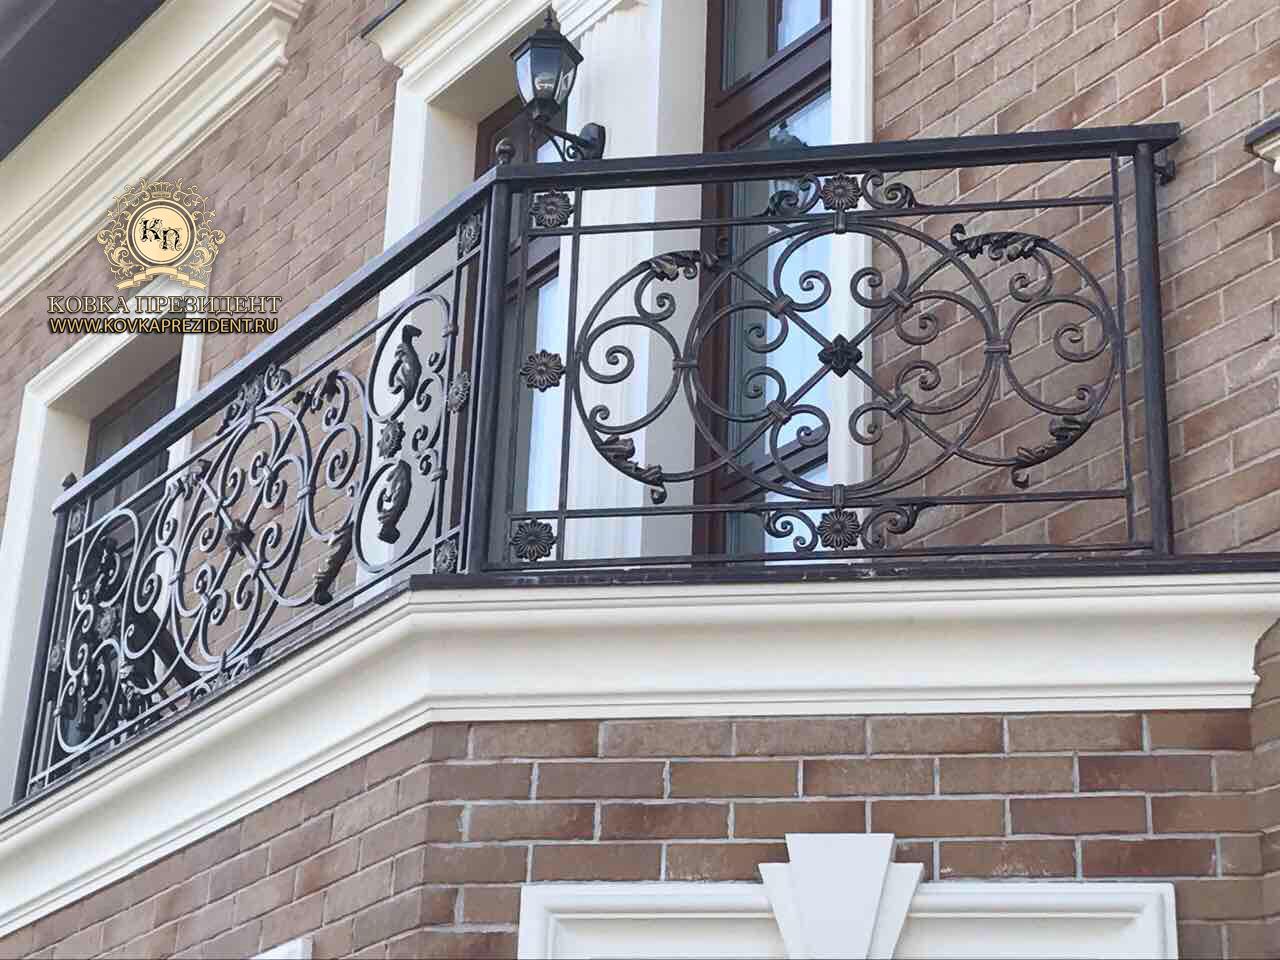 Кованые ограждения для перил балконов фото